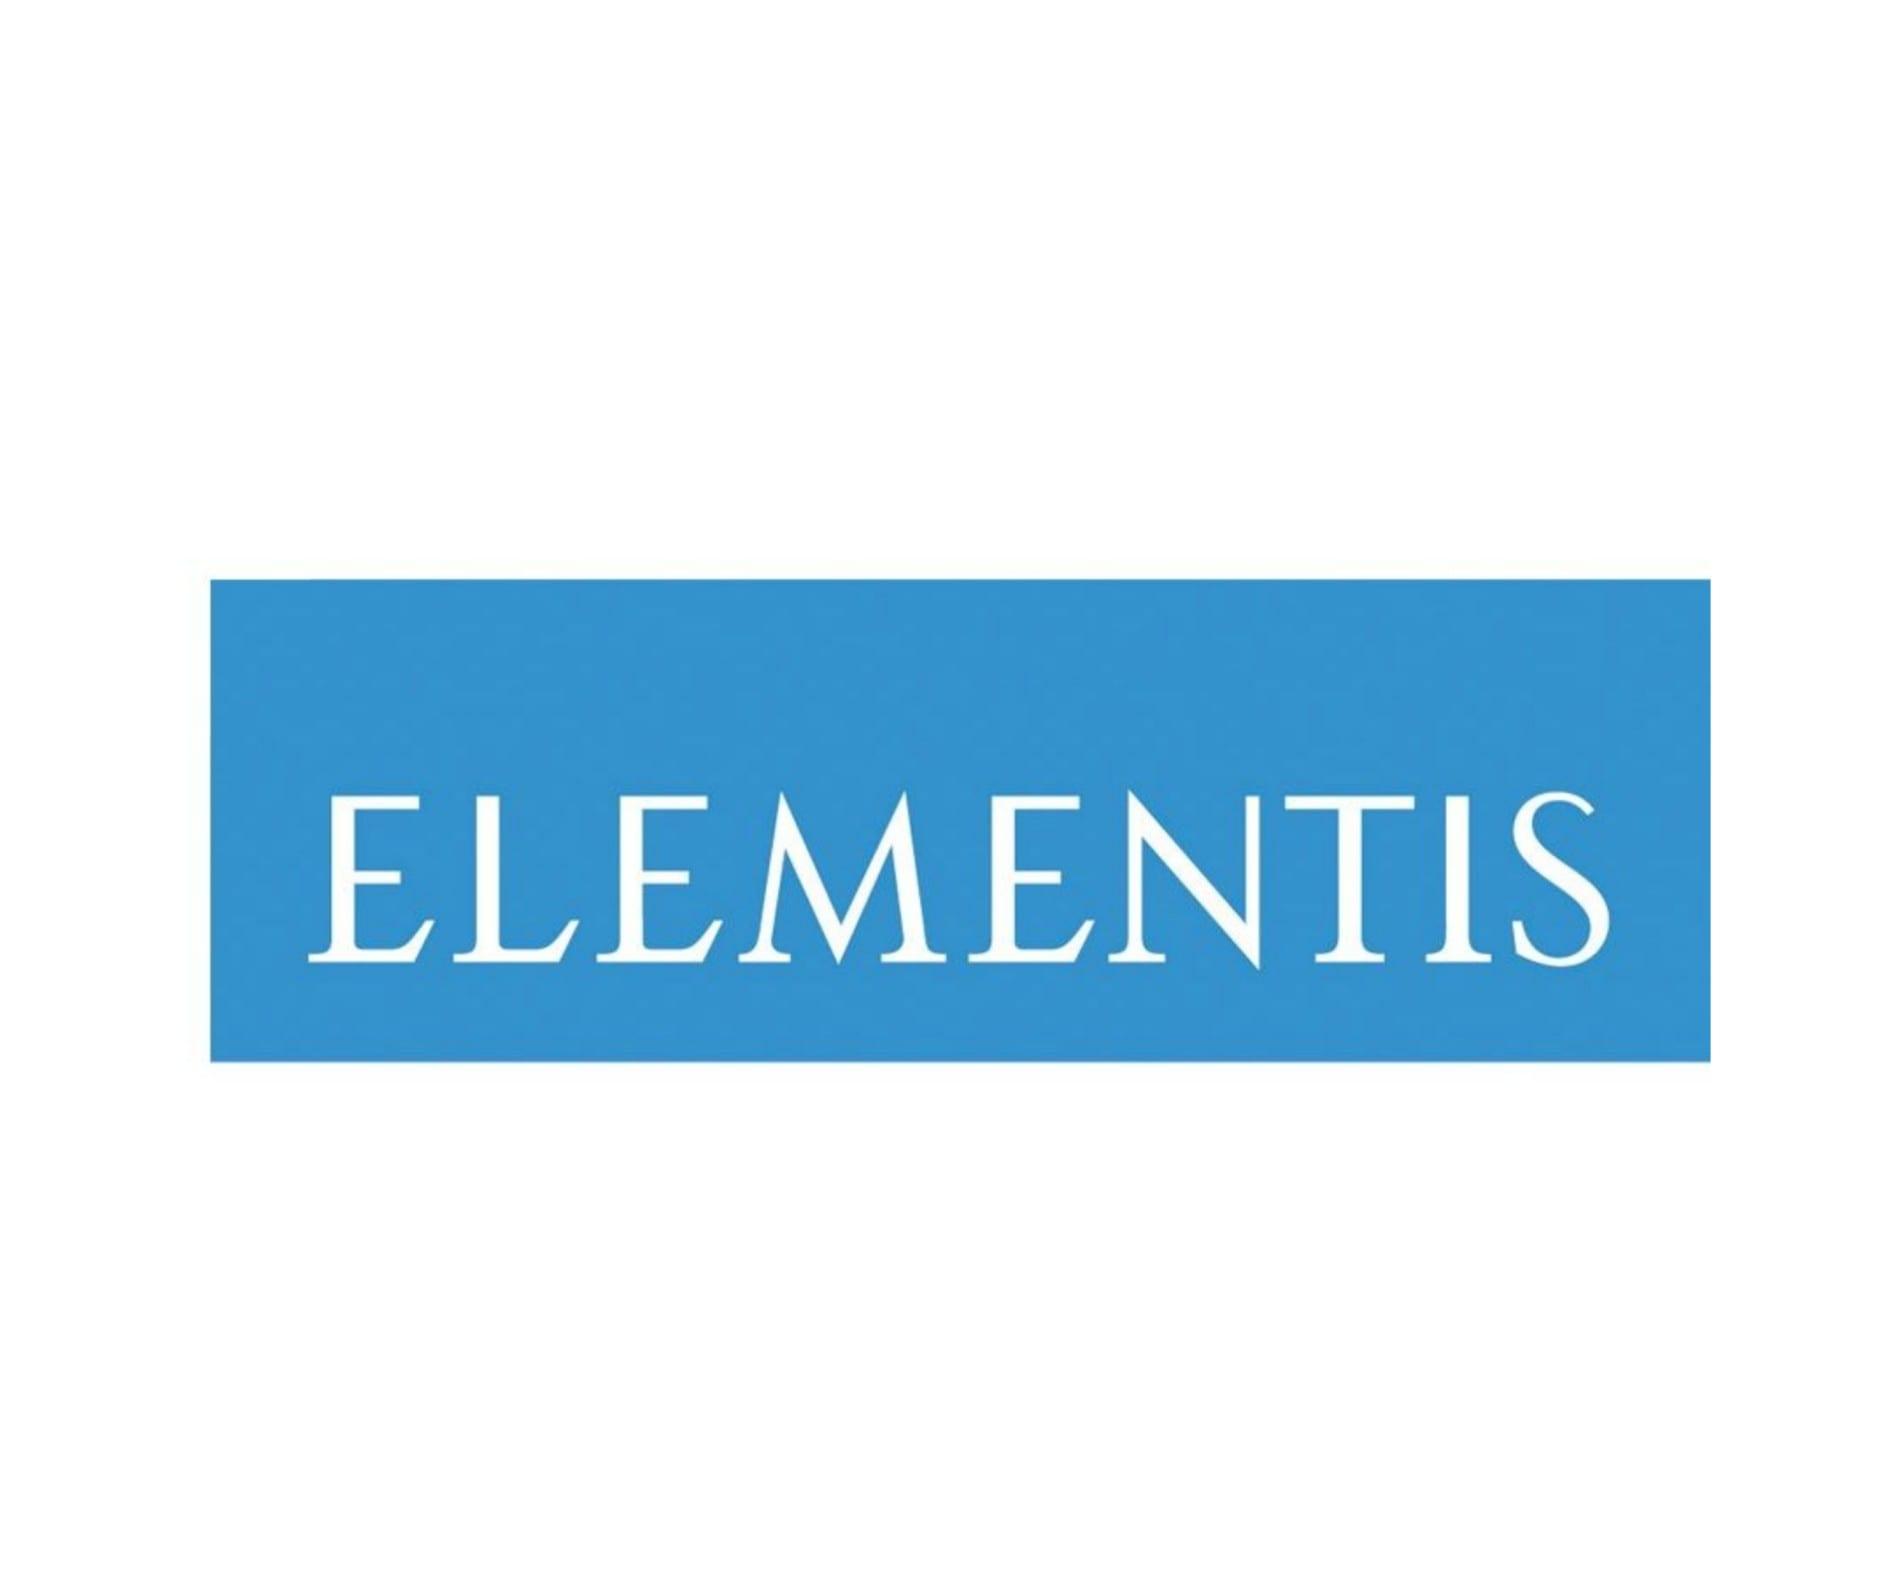 Elementis-square-logo (3)